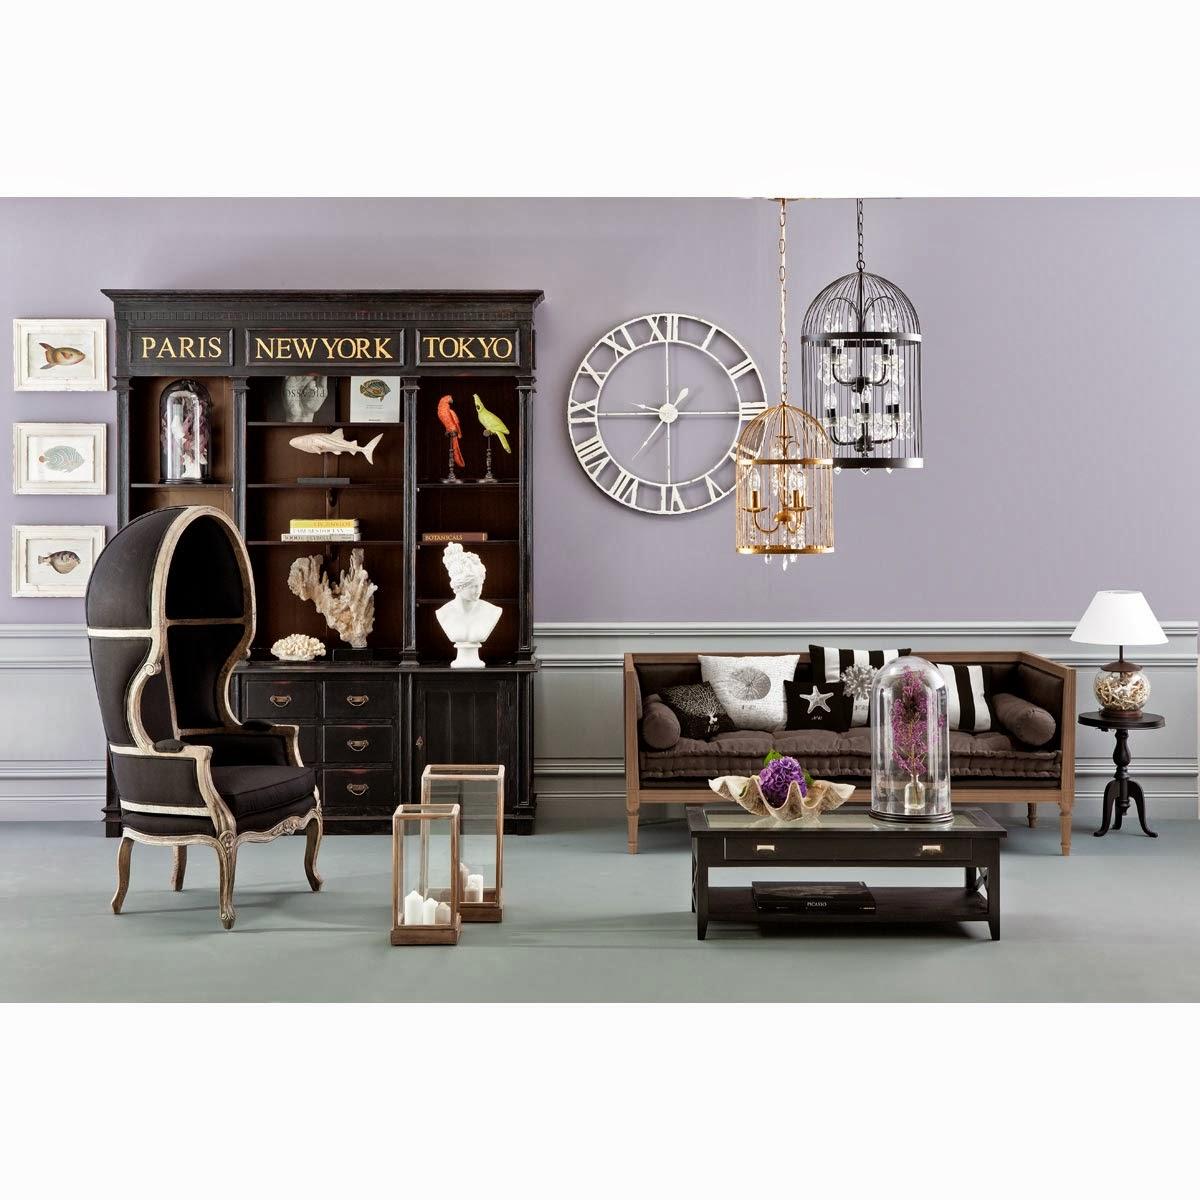 furniture desing enero 2014. Black Bedroom Furniture Sets. Home Design Ideas